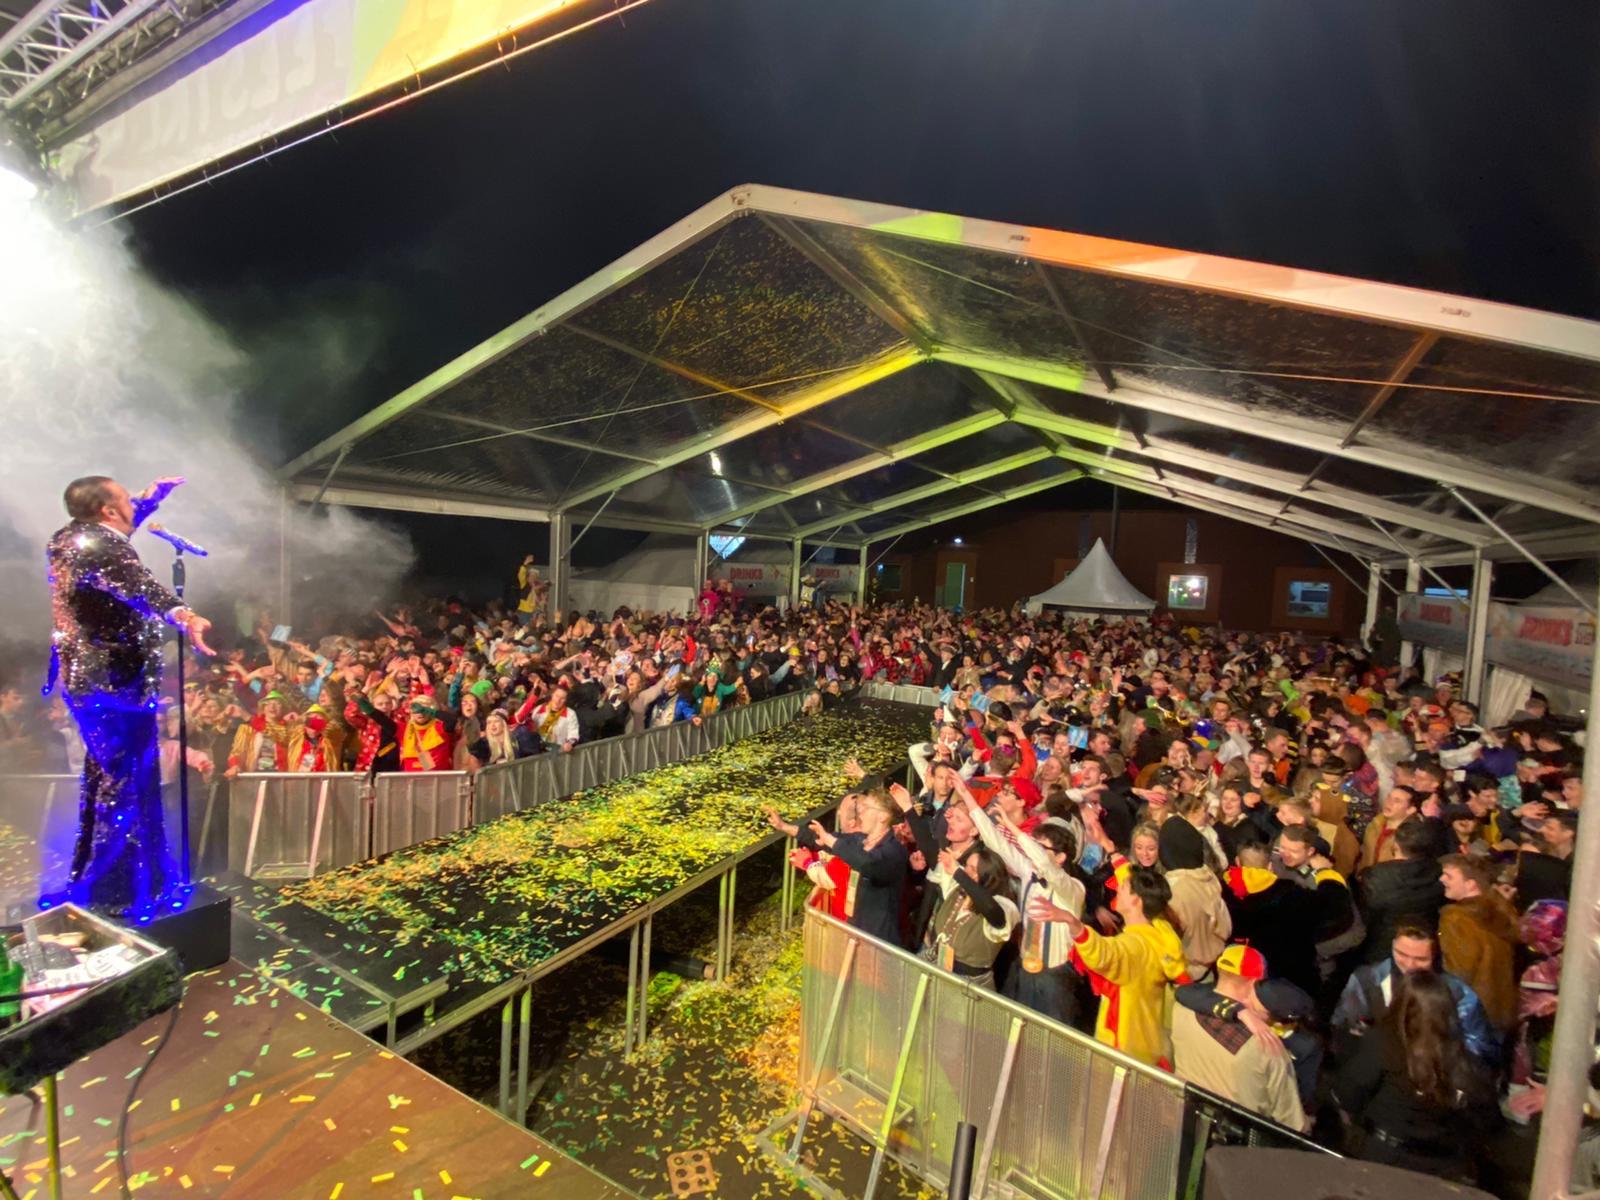 Ronnie_Ruysdael_Carnaval_2020_Cuijk_Nölersriek